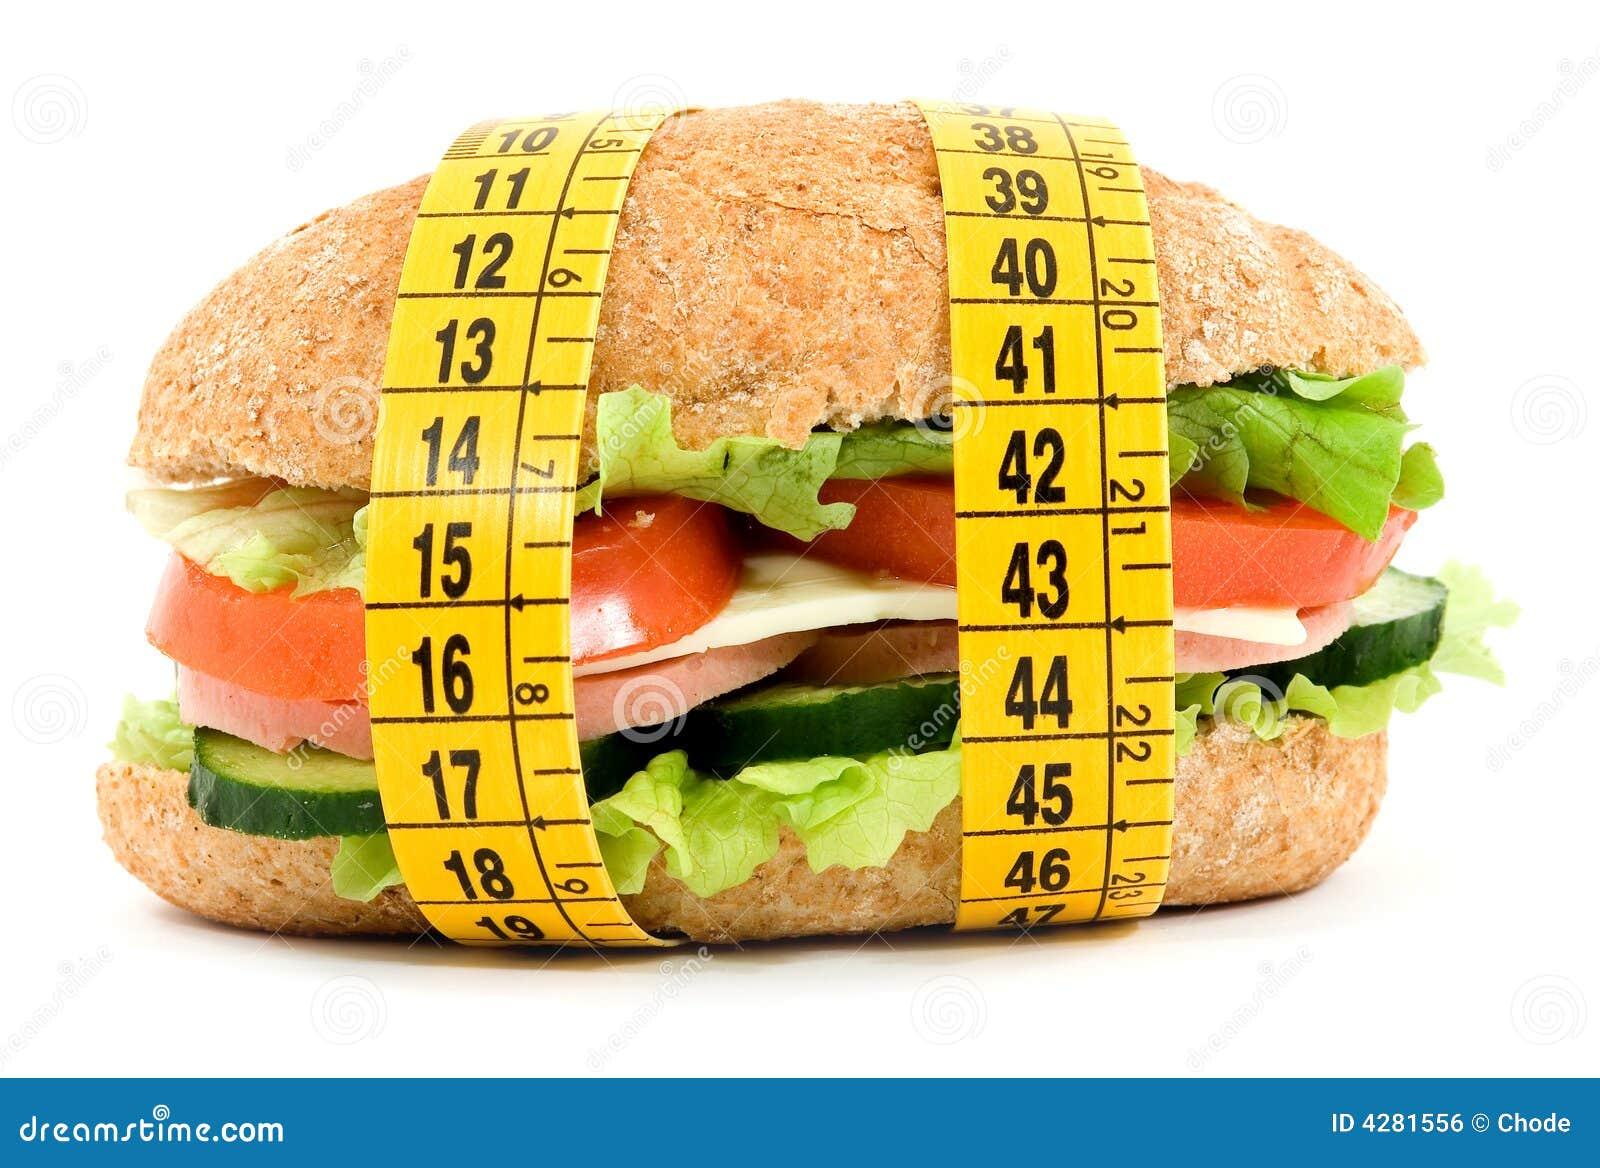 Diet Food Image Gallery Hcpr throughout Diet Food